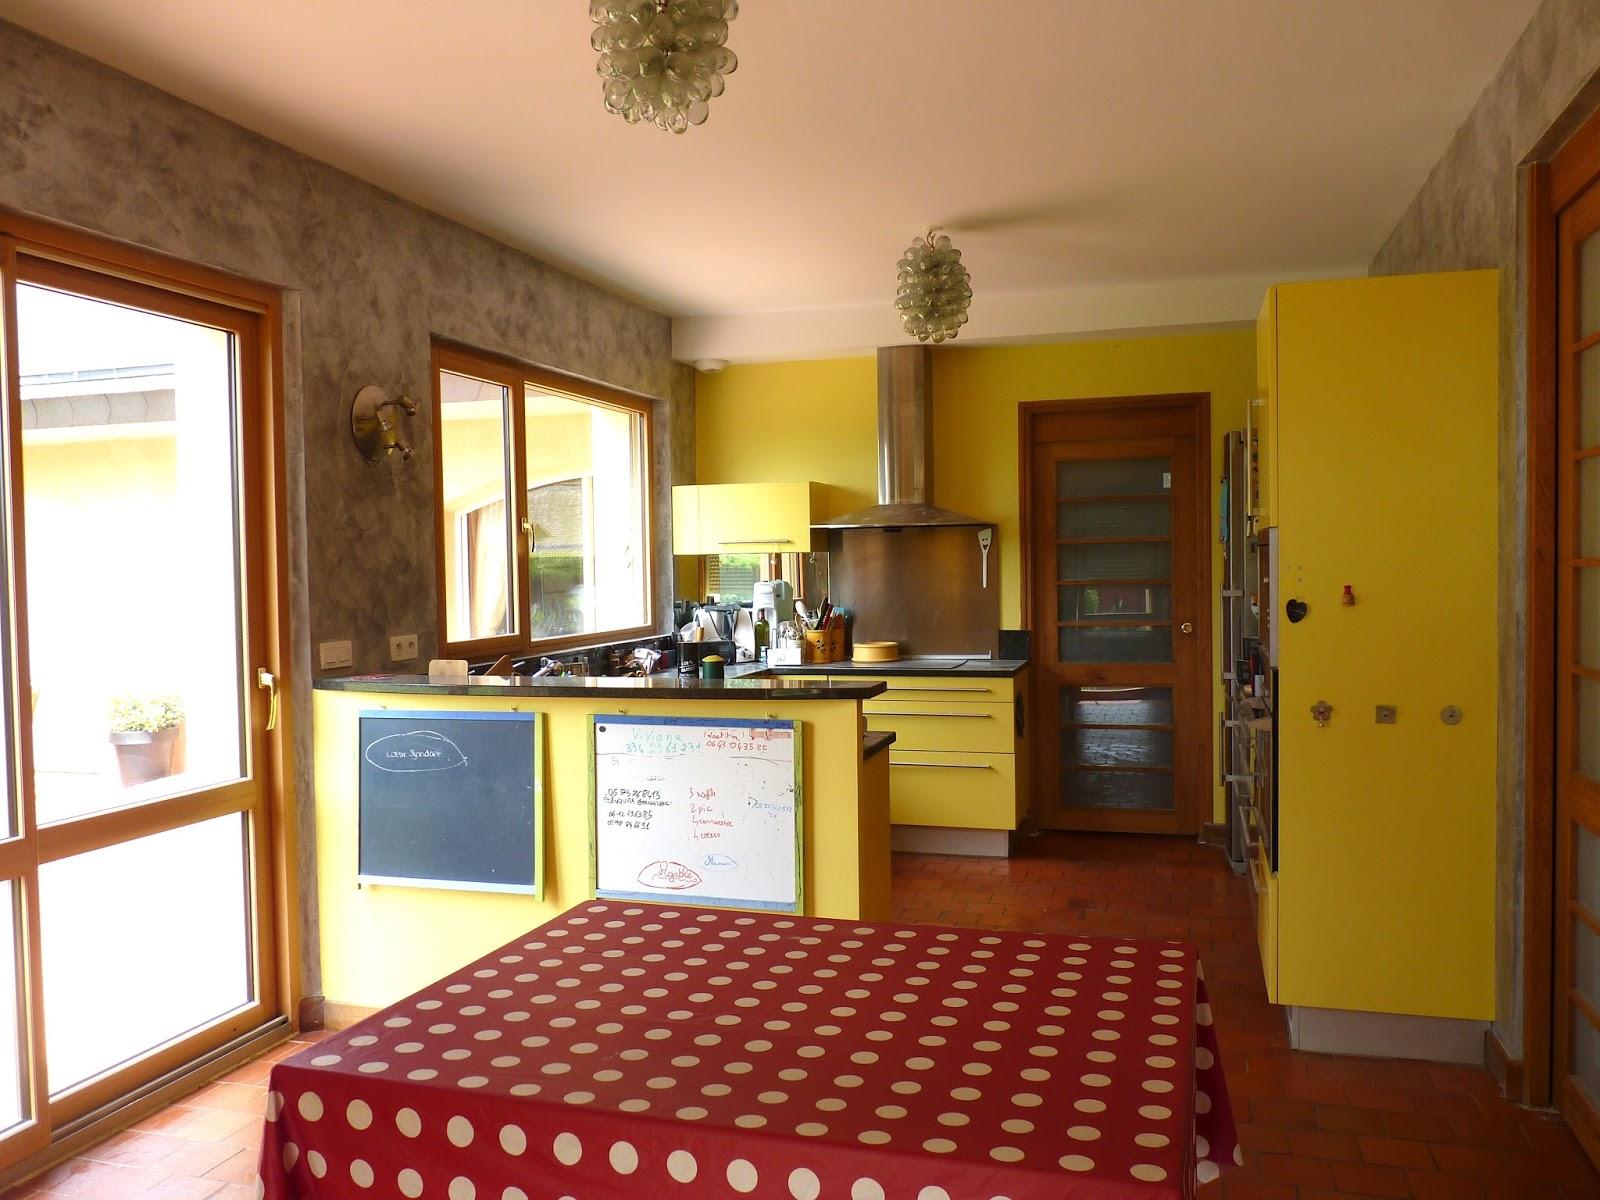 Cuisine peinte en jaune Peindre ses meubles de cuisine